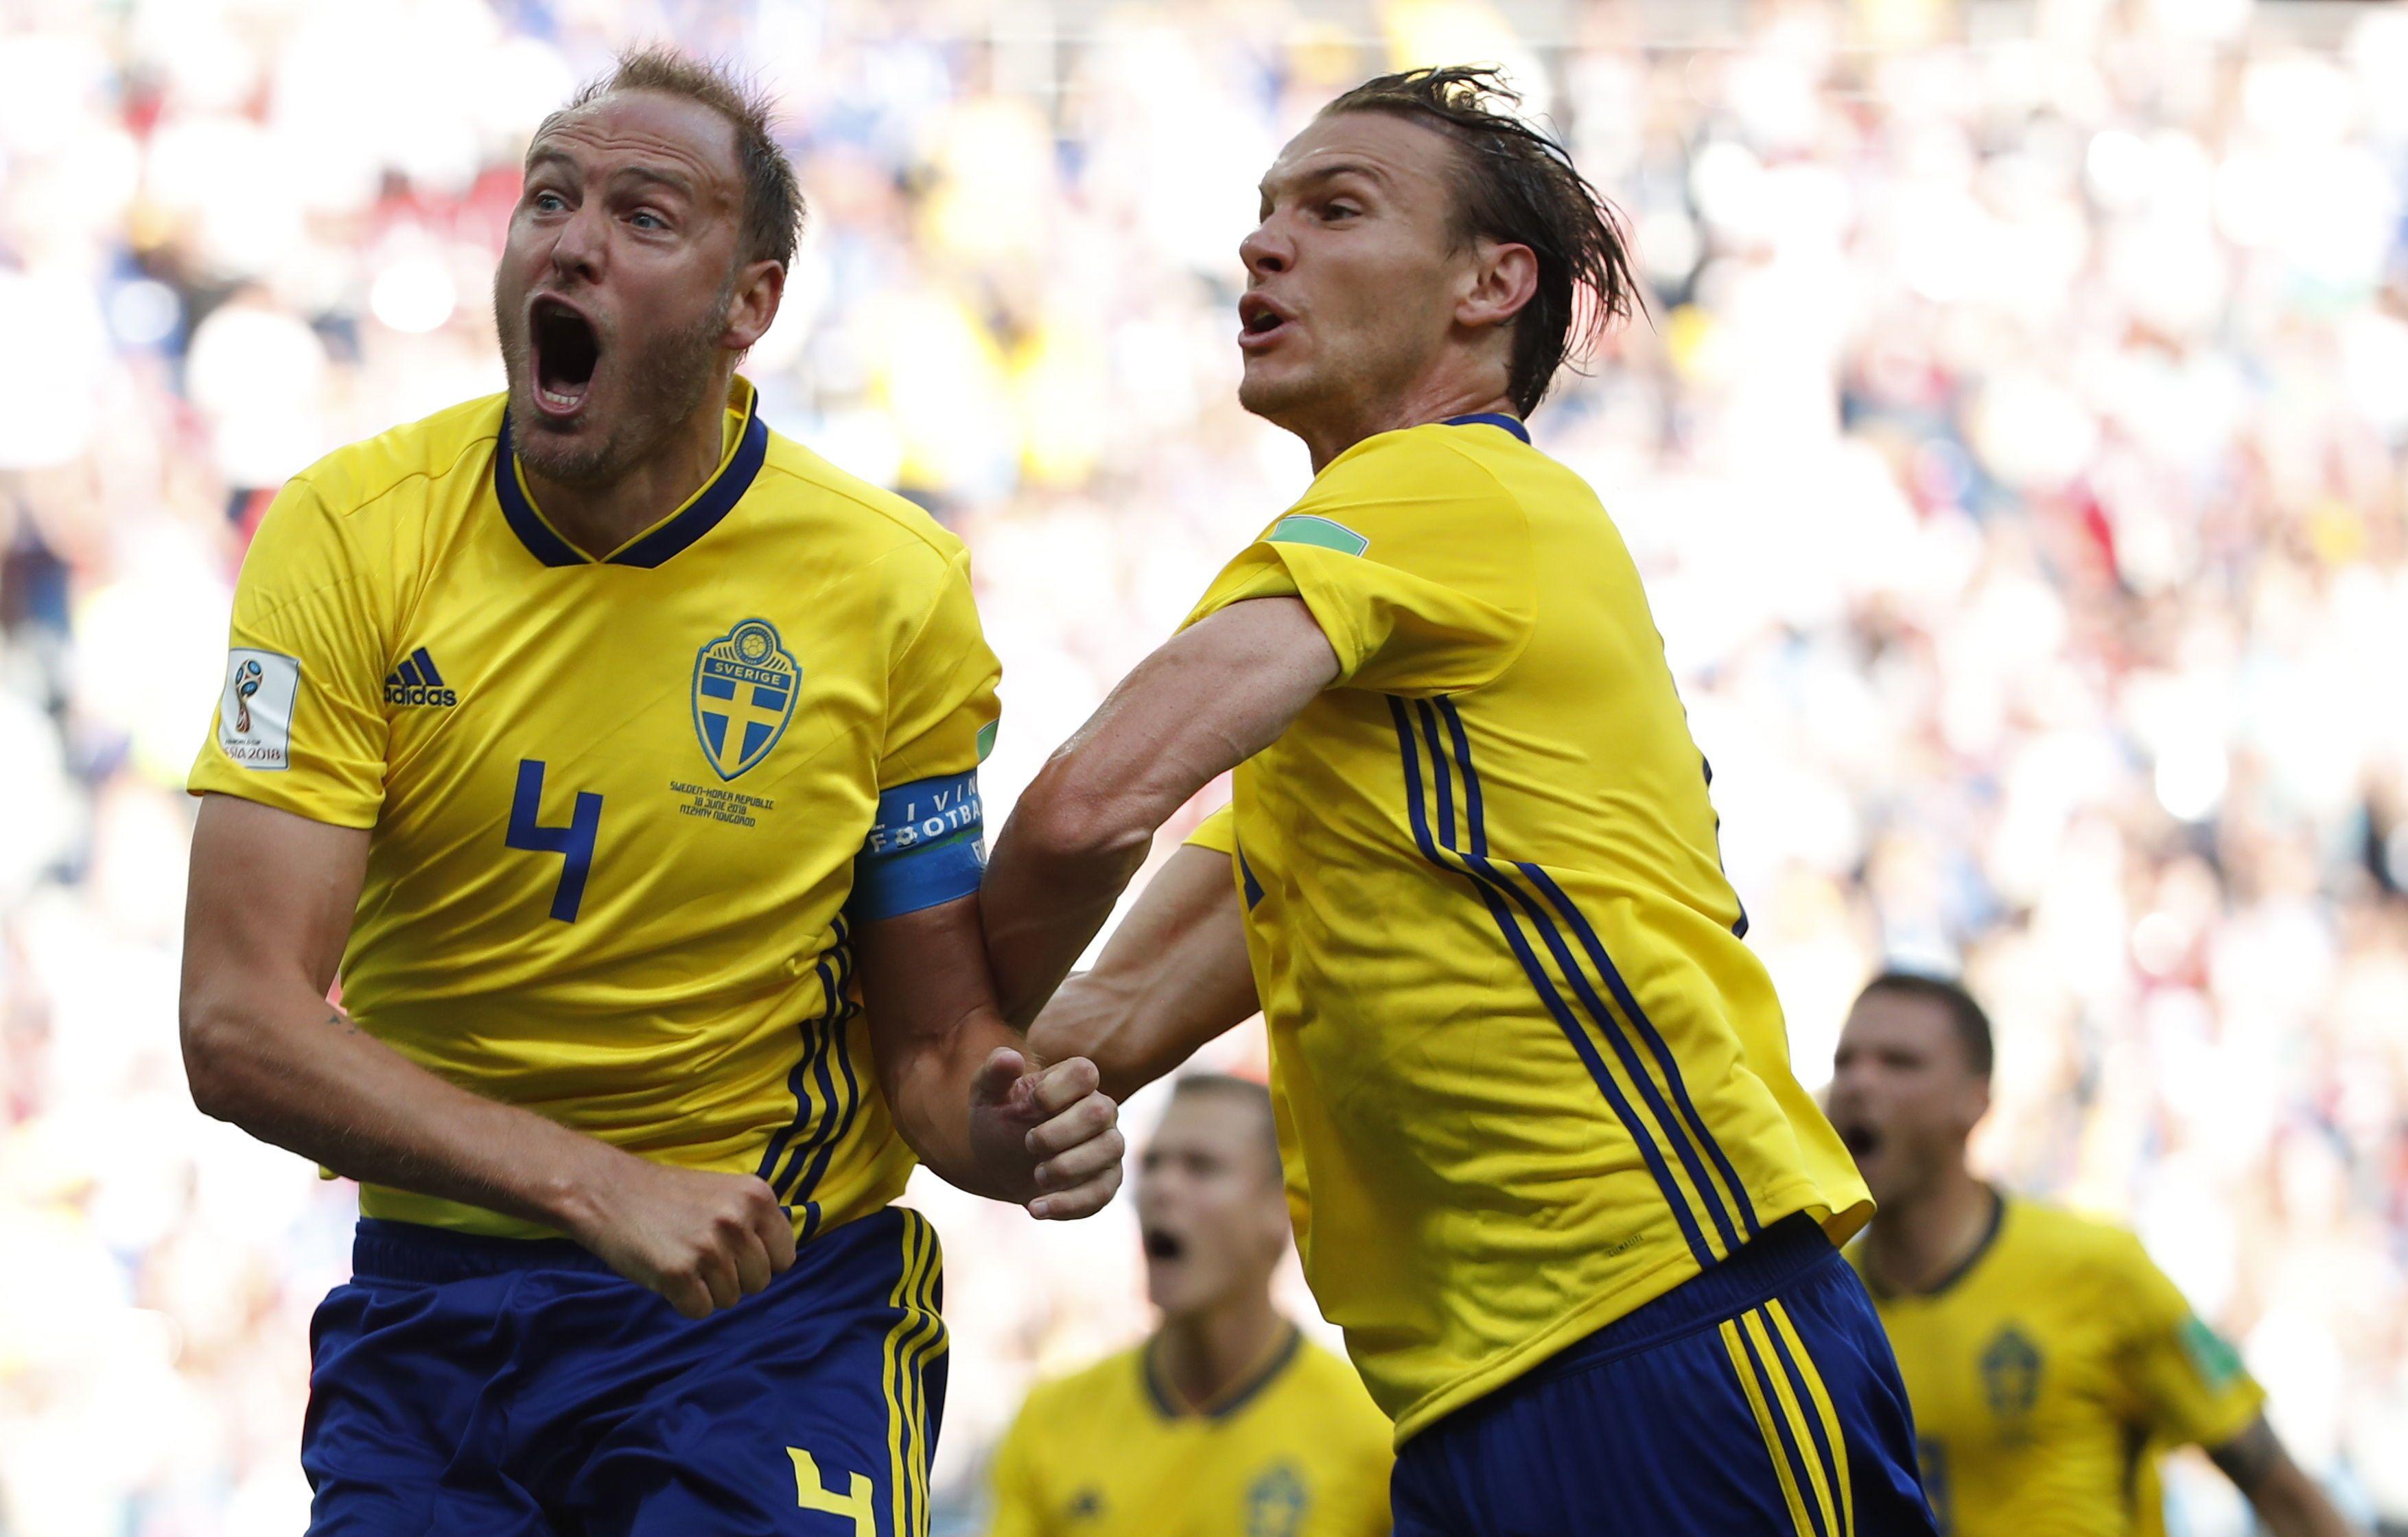 Andreas Granqvist (4) festeja la conversión del tiro penal. Foto: EFE